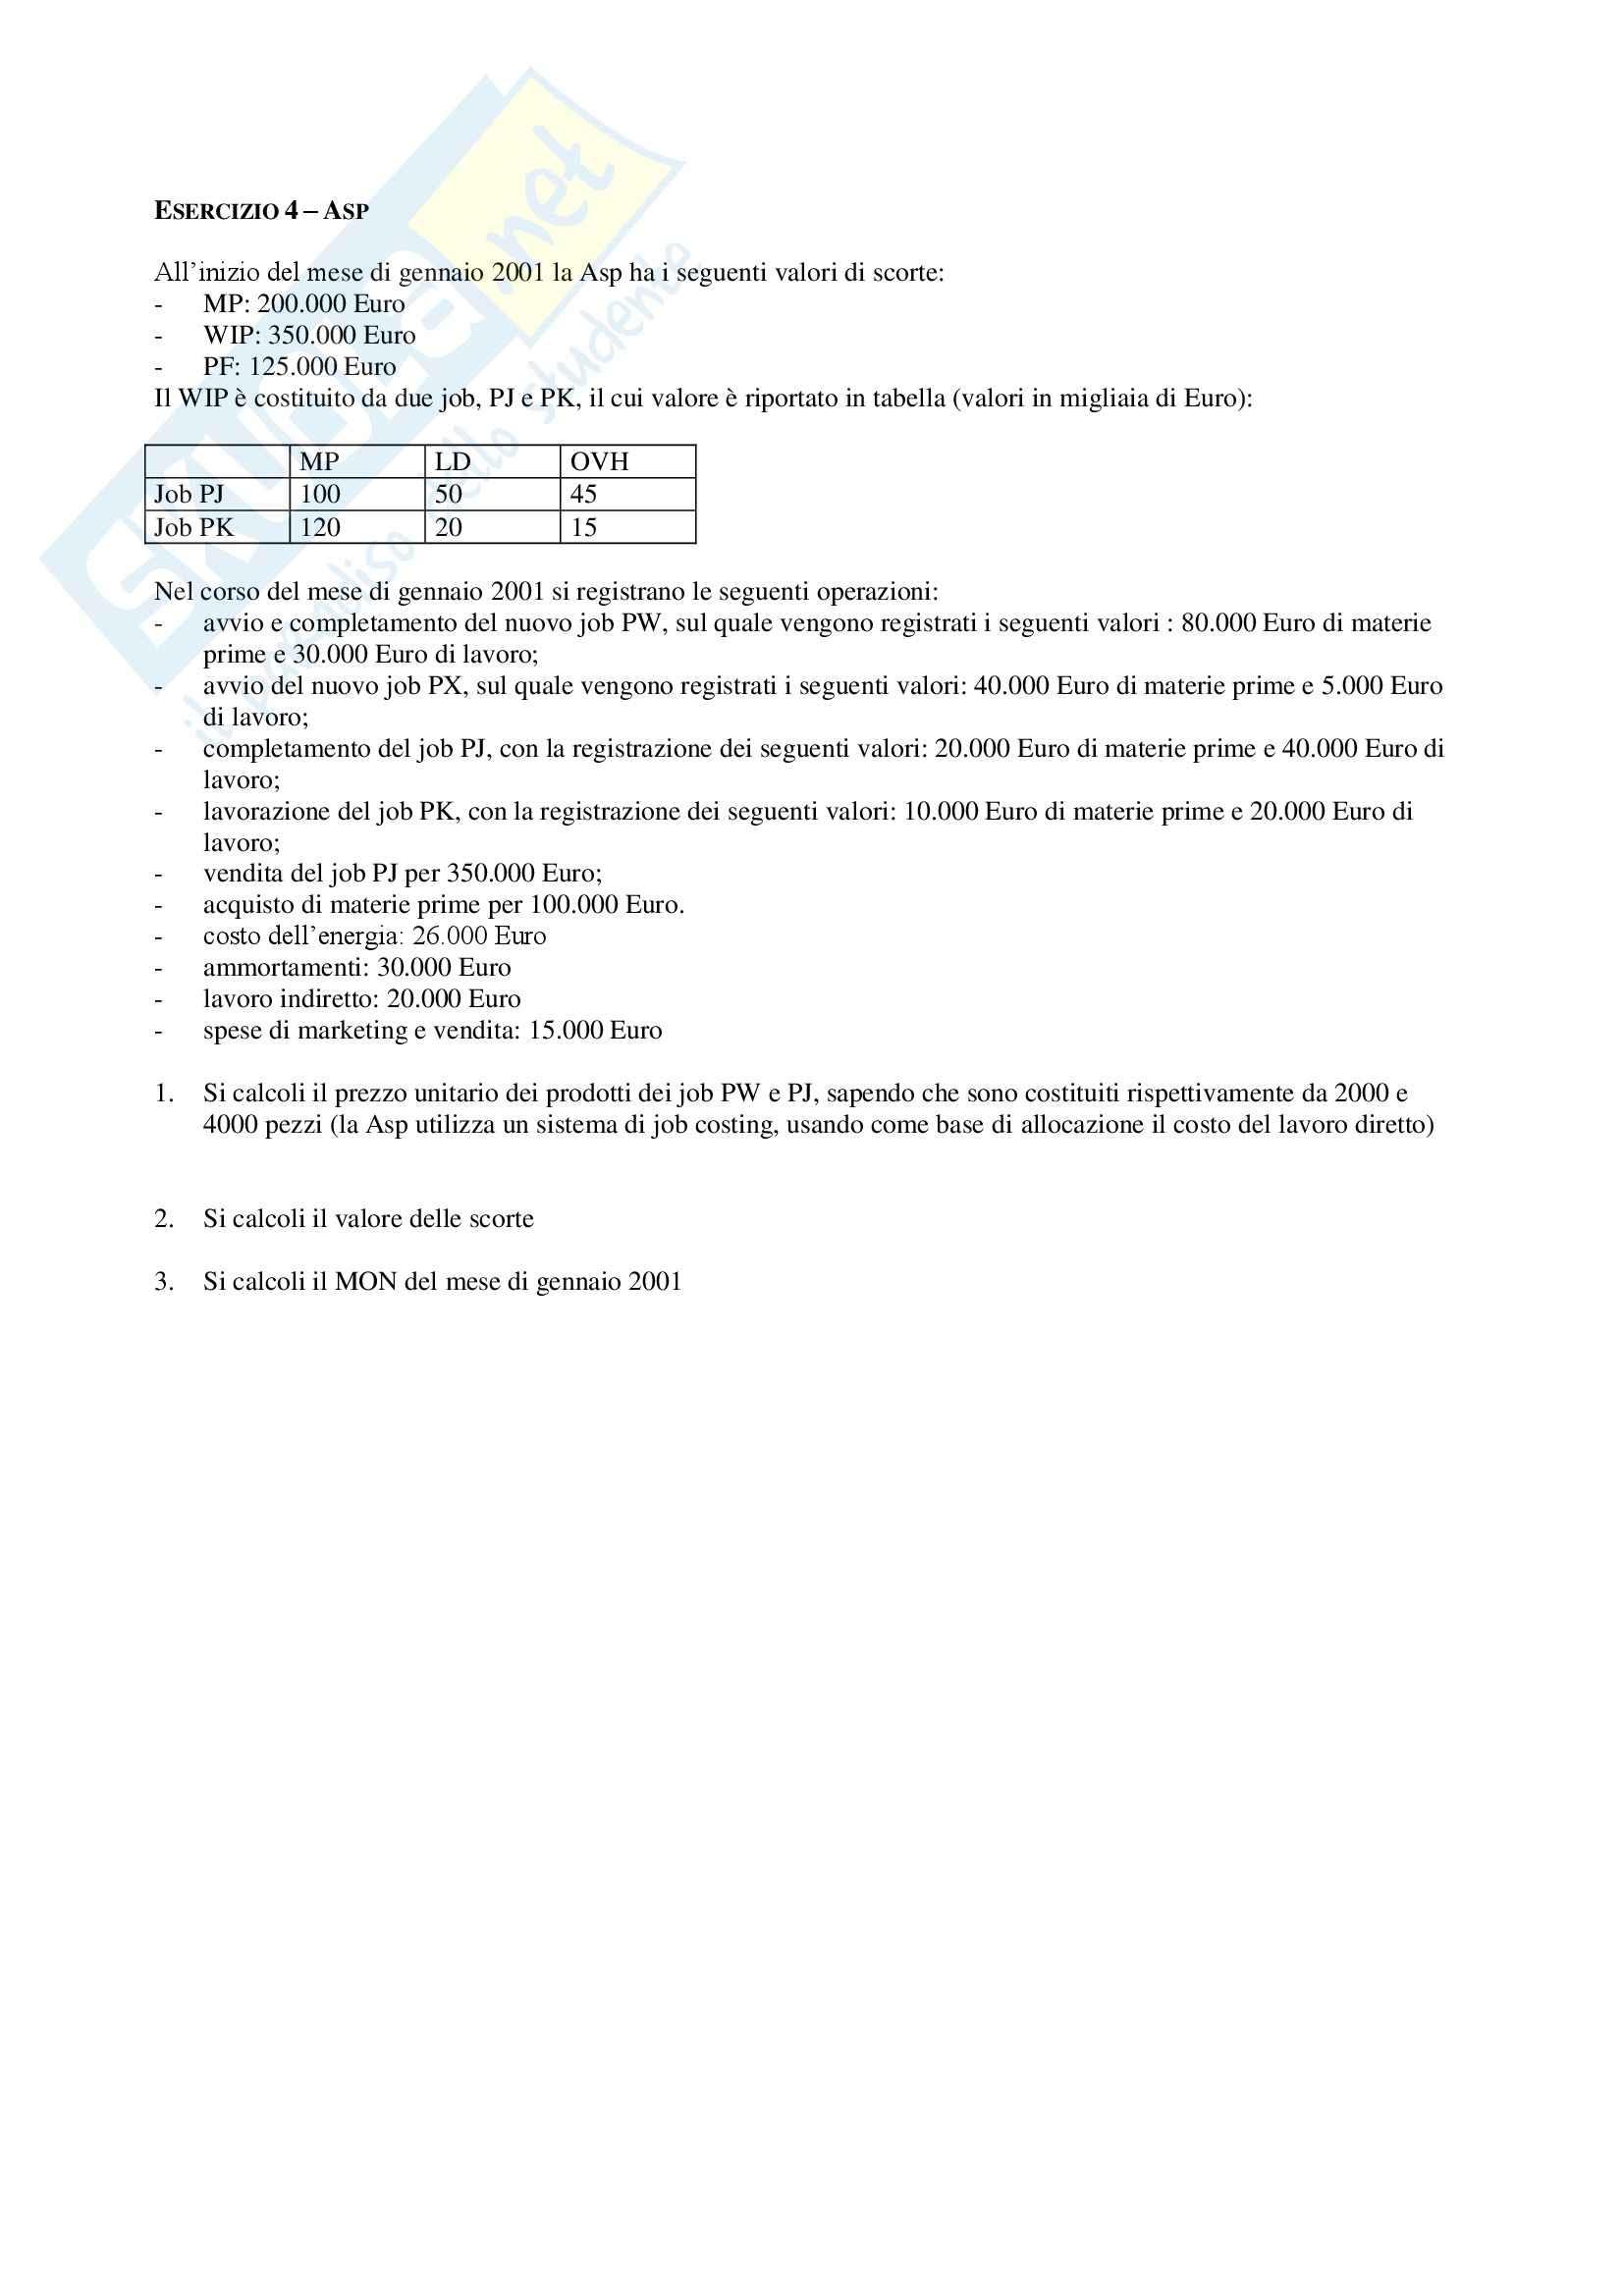 Esercizi con soluzioni, Economia e organizzazione aziendale Pag. 51